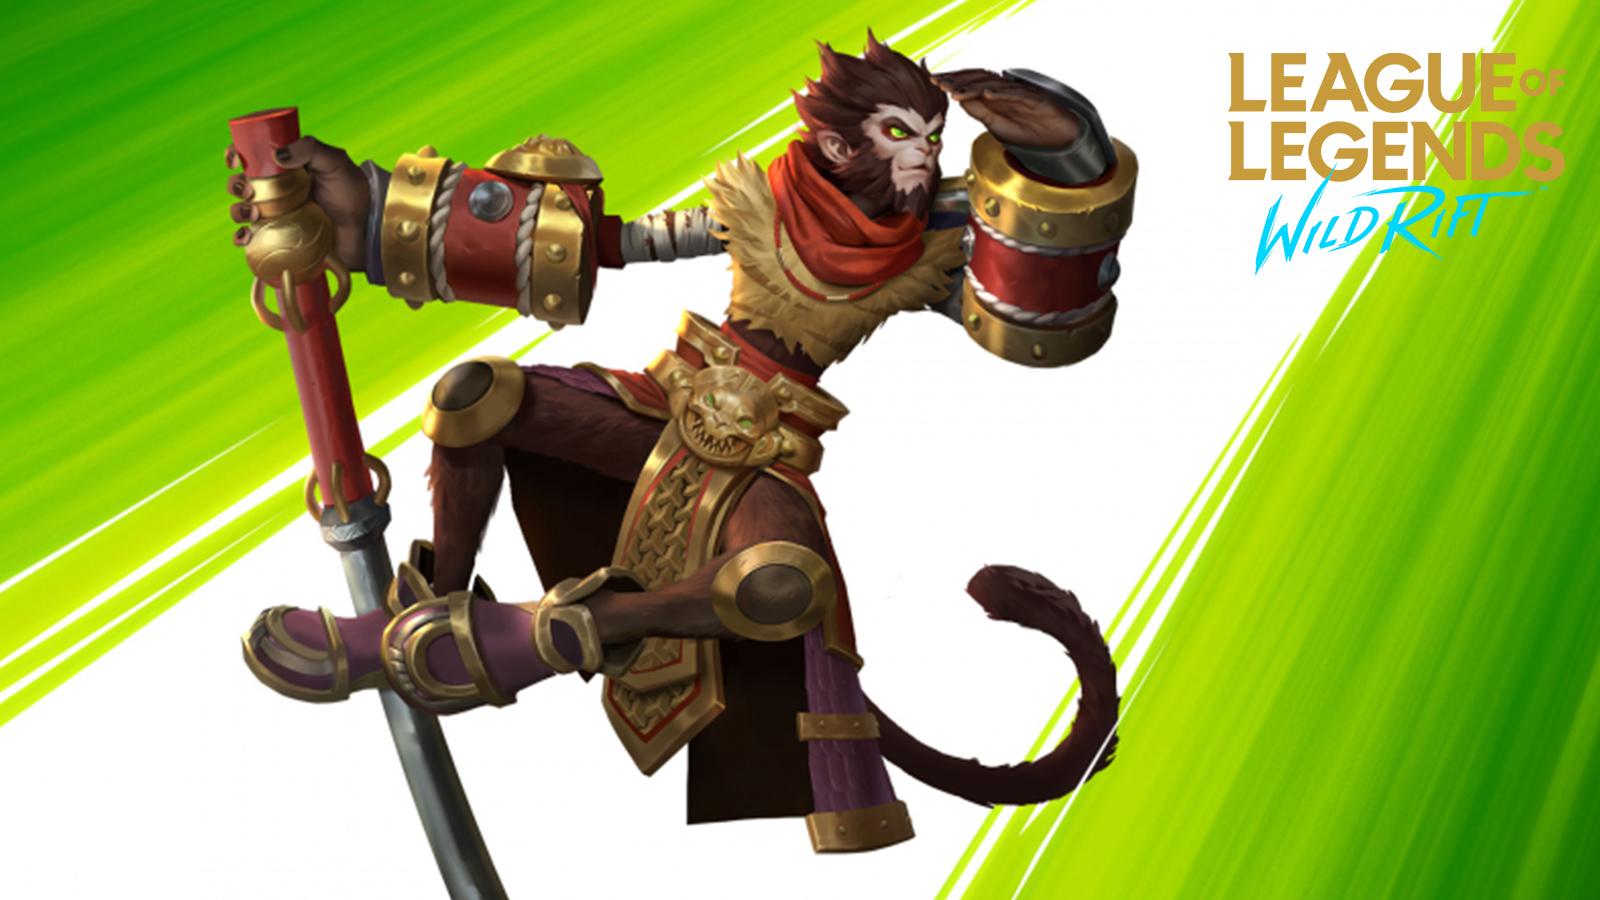 Wukong League of Legends Wild Rift